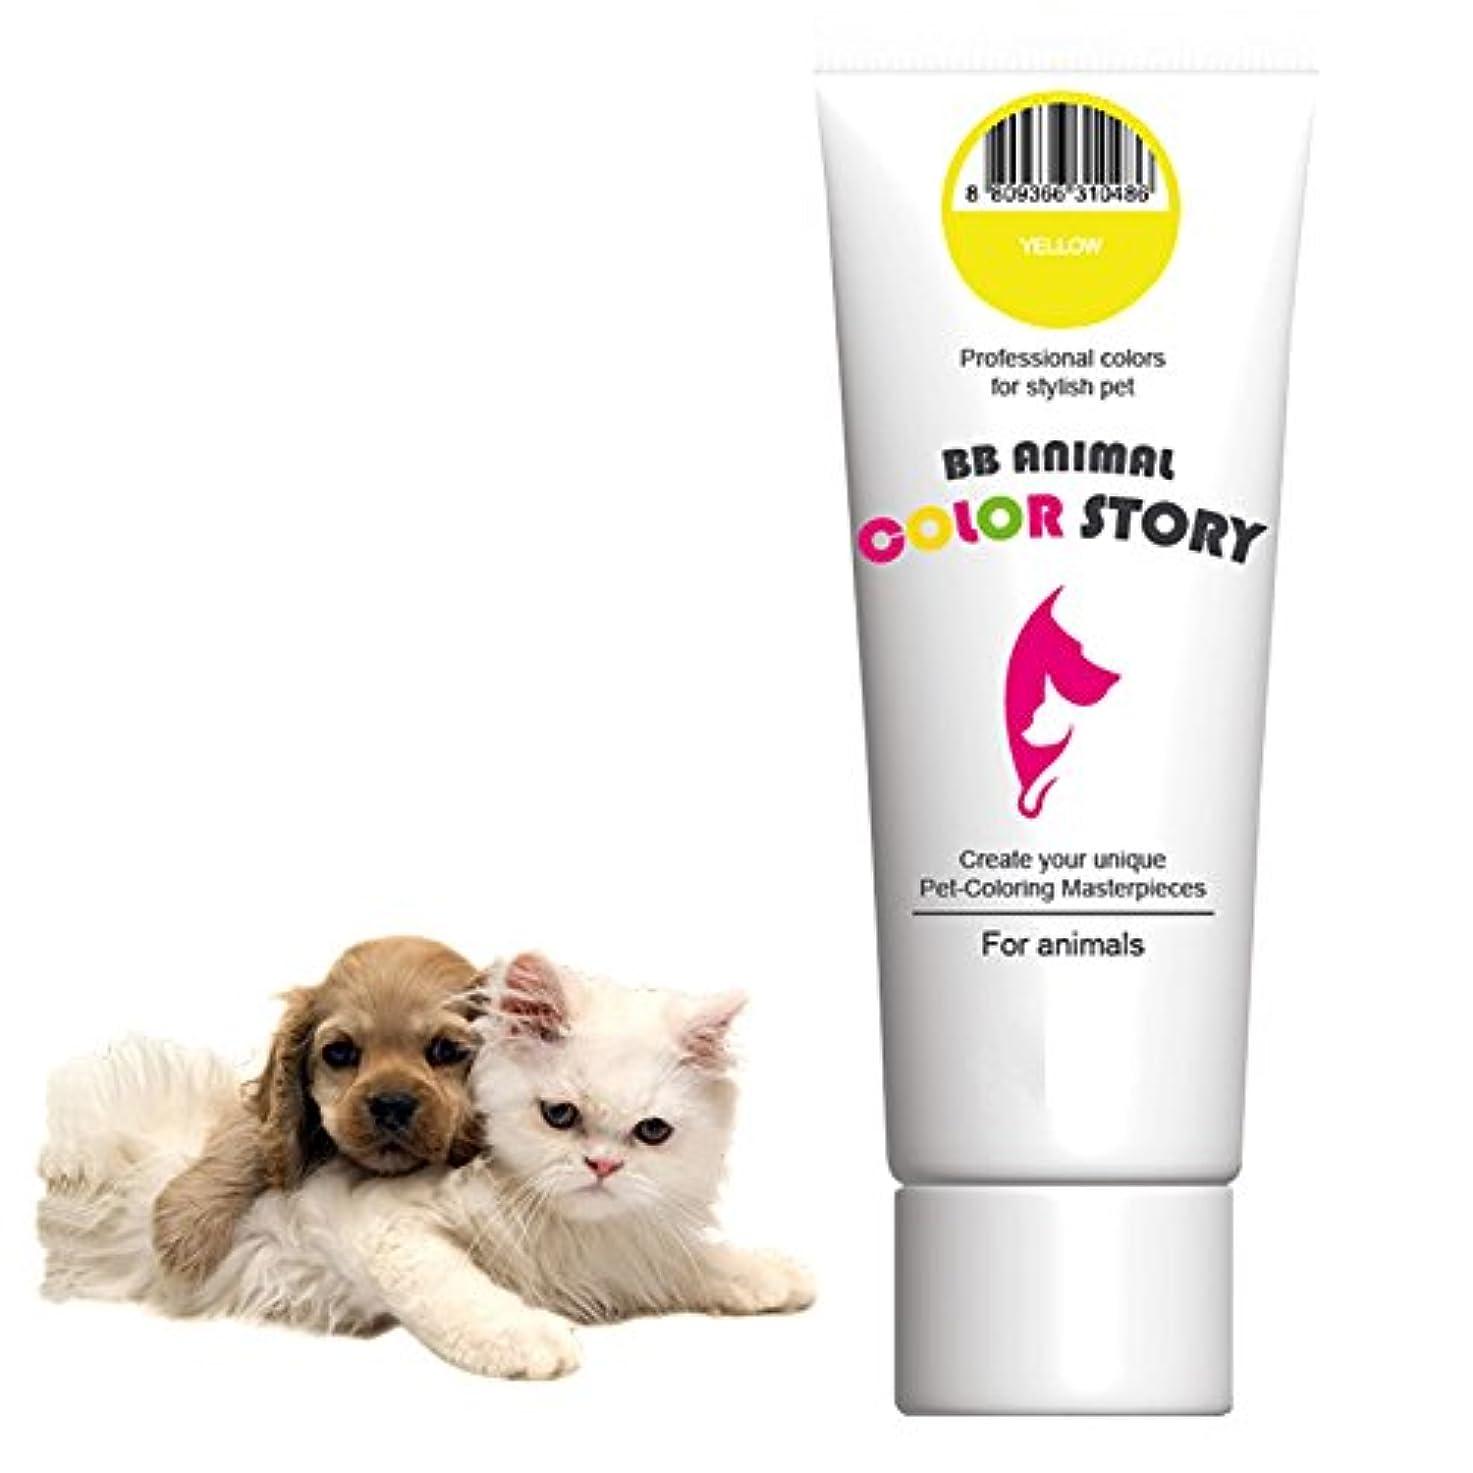 軽量永久百万毛染め, 犬ヘアダイ Yellow カラーリング Dog Hair Hair Bleach Dye Hair Coloring Professional Colors for Stylish Pet 50ml 並行輸入